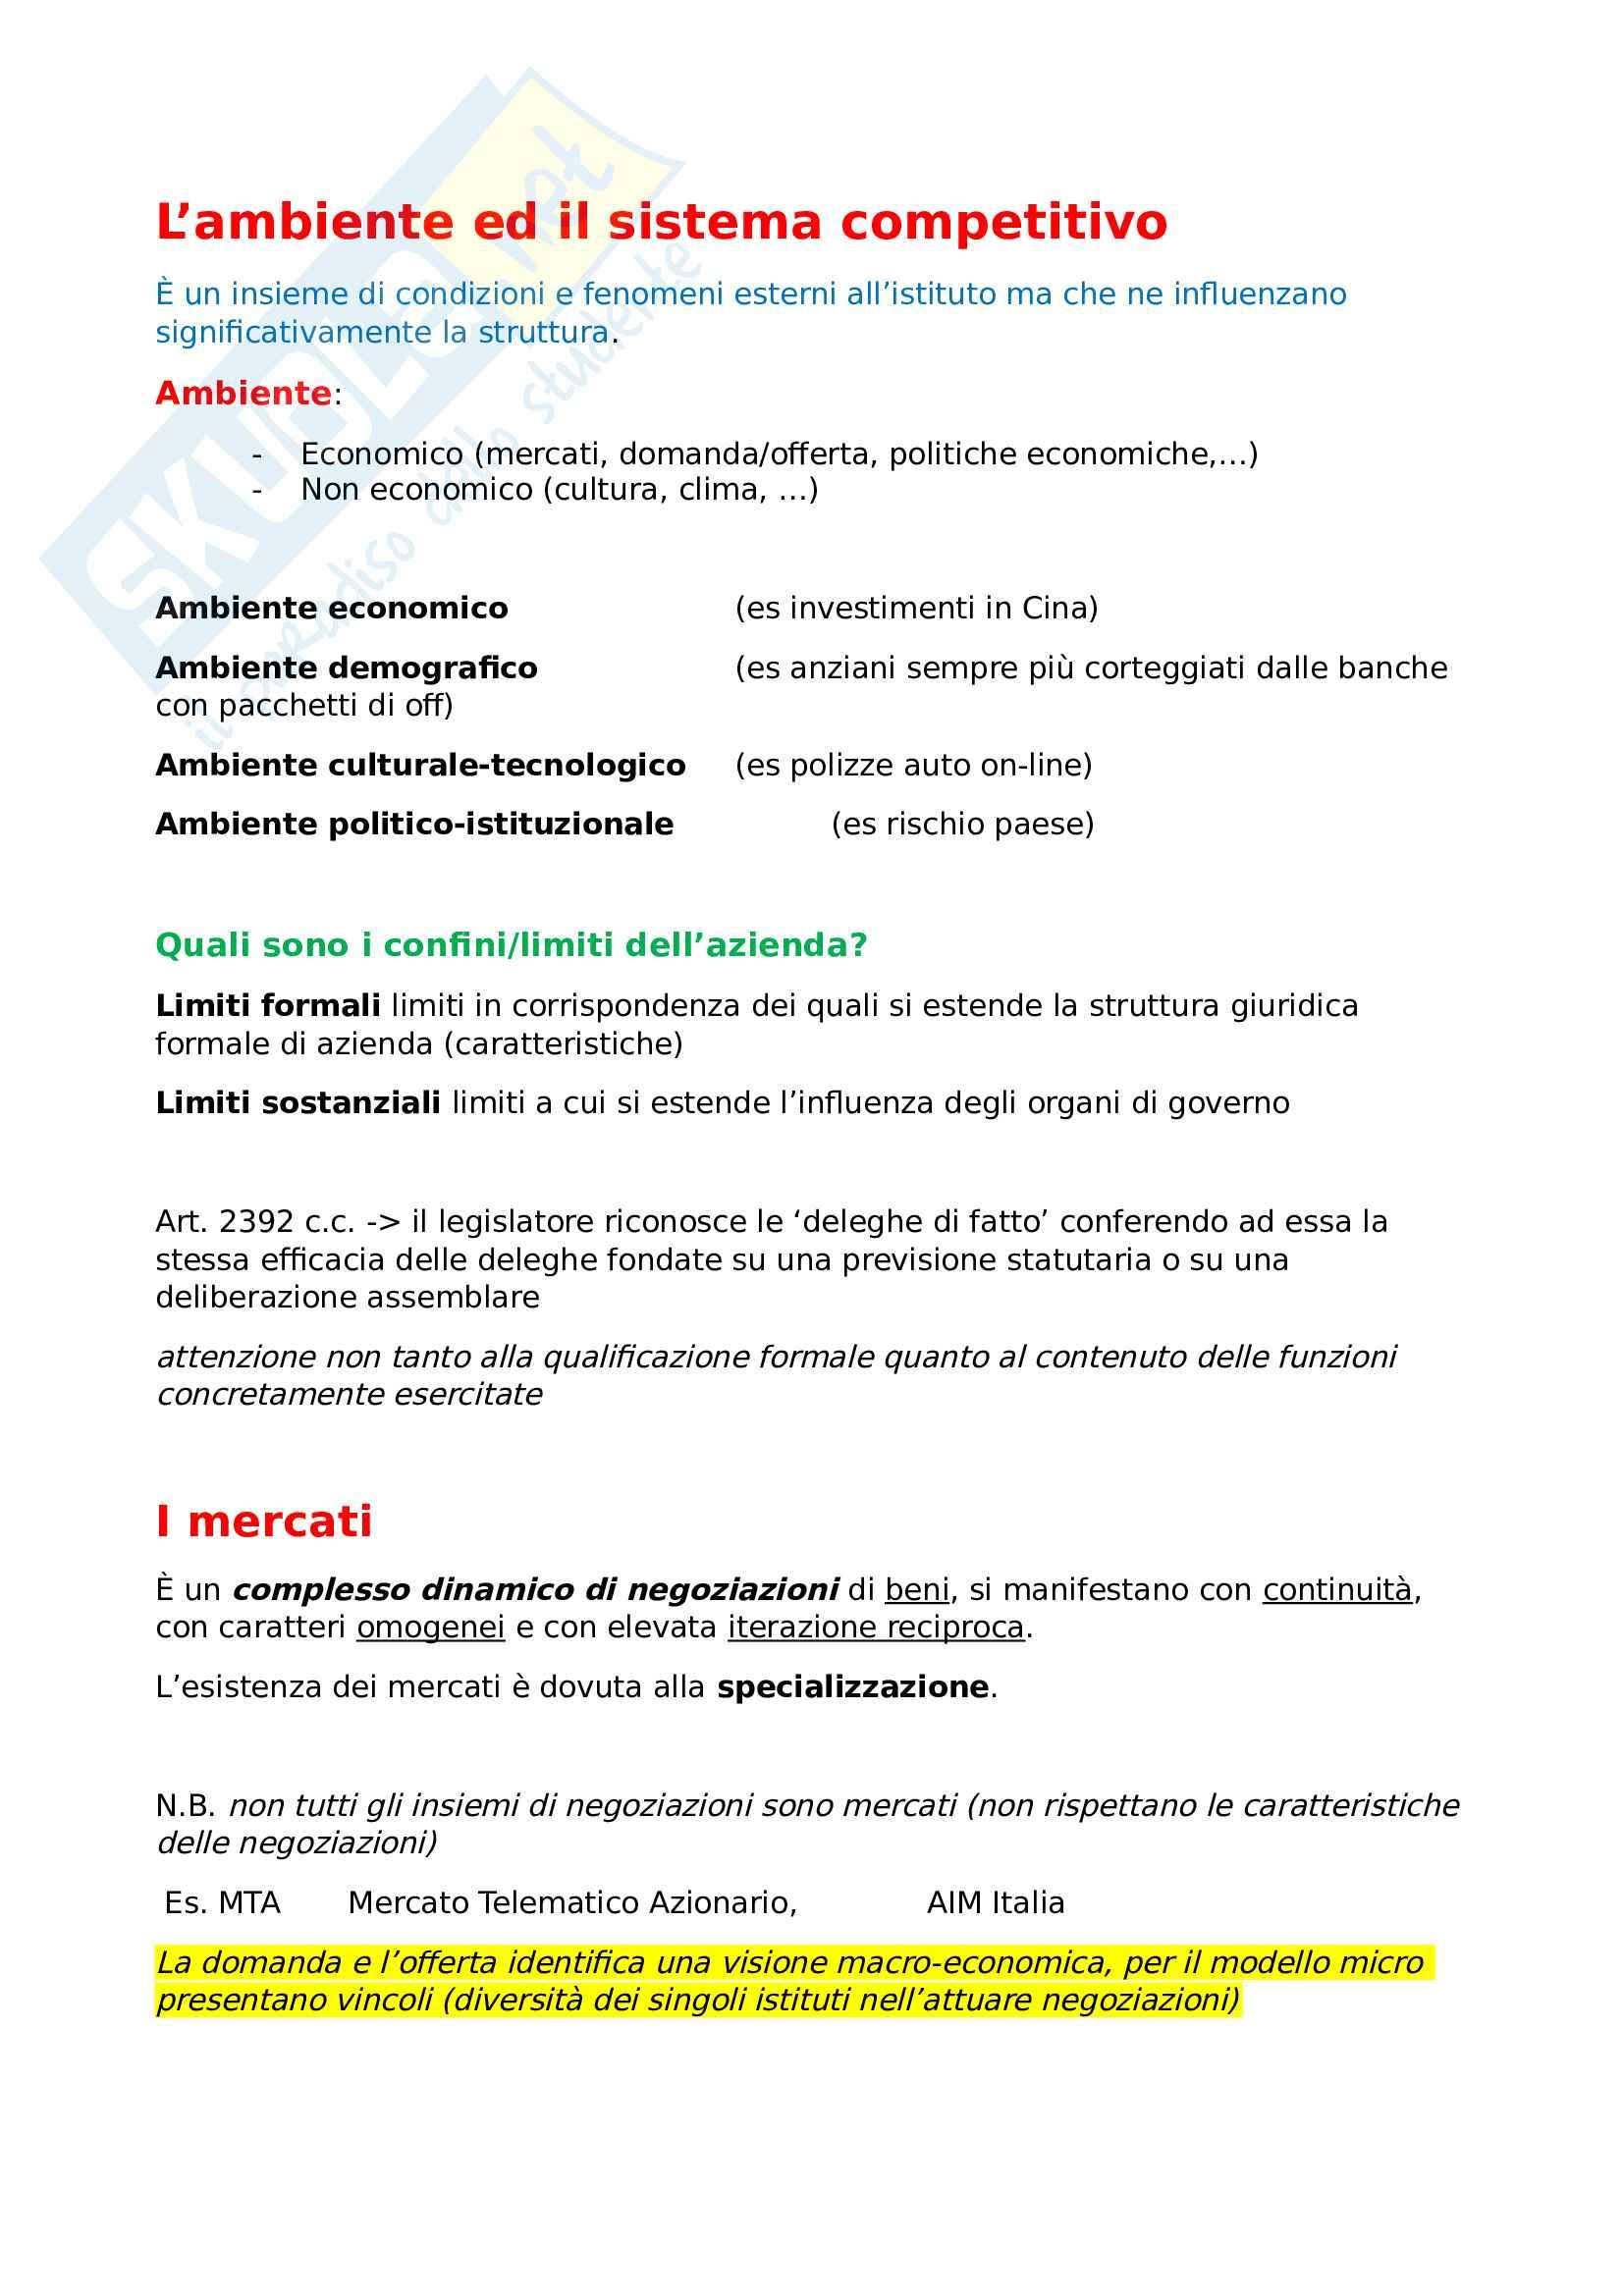 Economia Aziendale - dal Sistema Competitivo alla Pubblica amministrazione (pt 2)